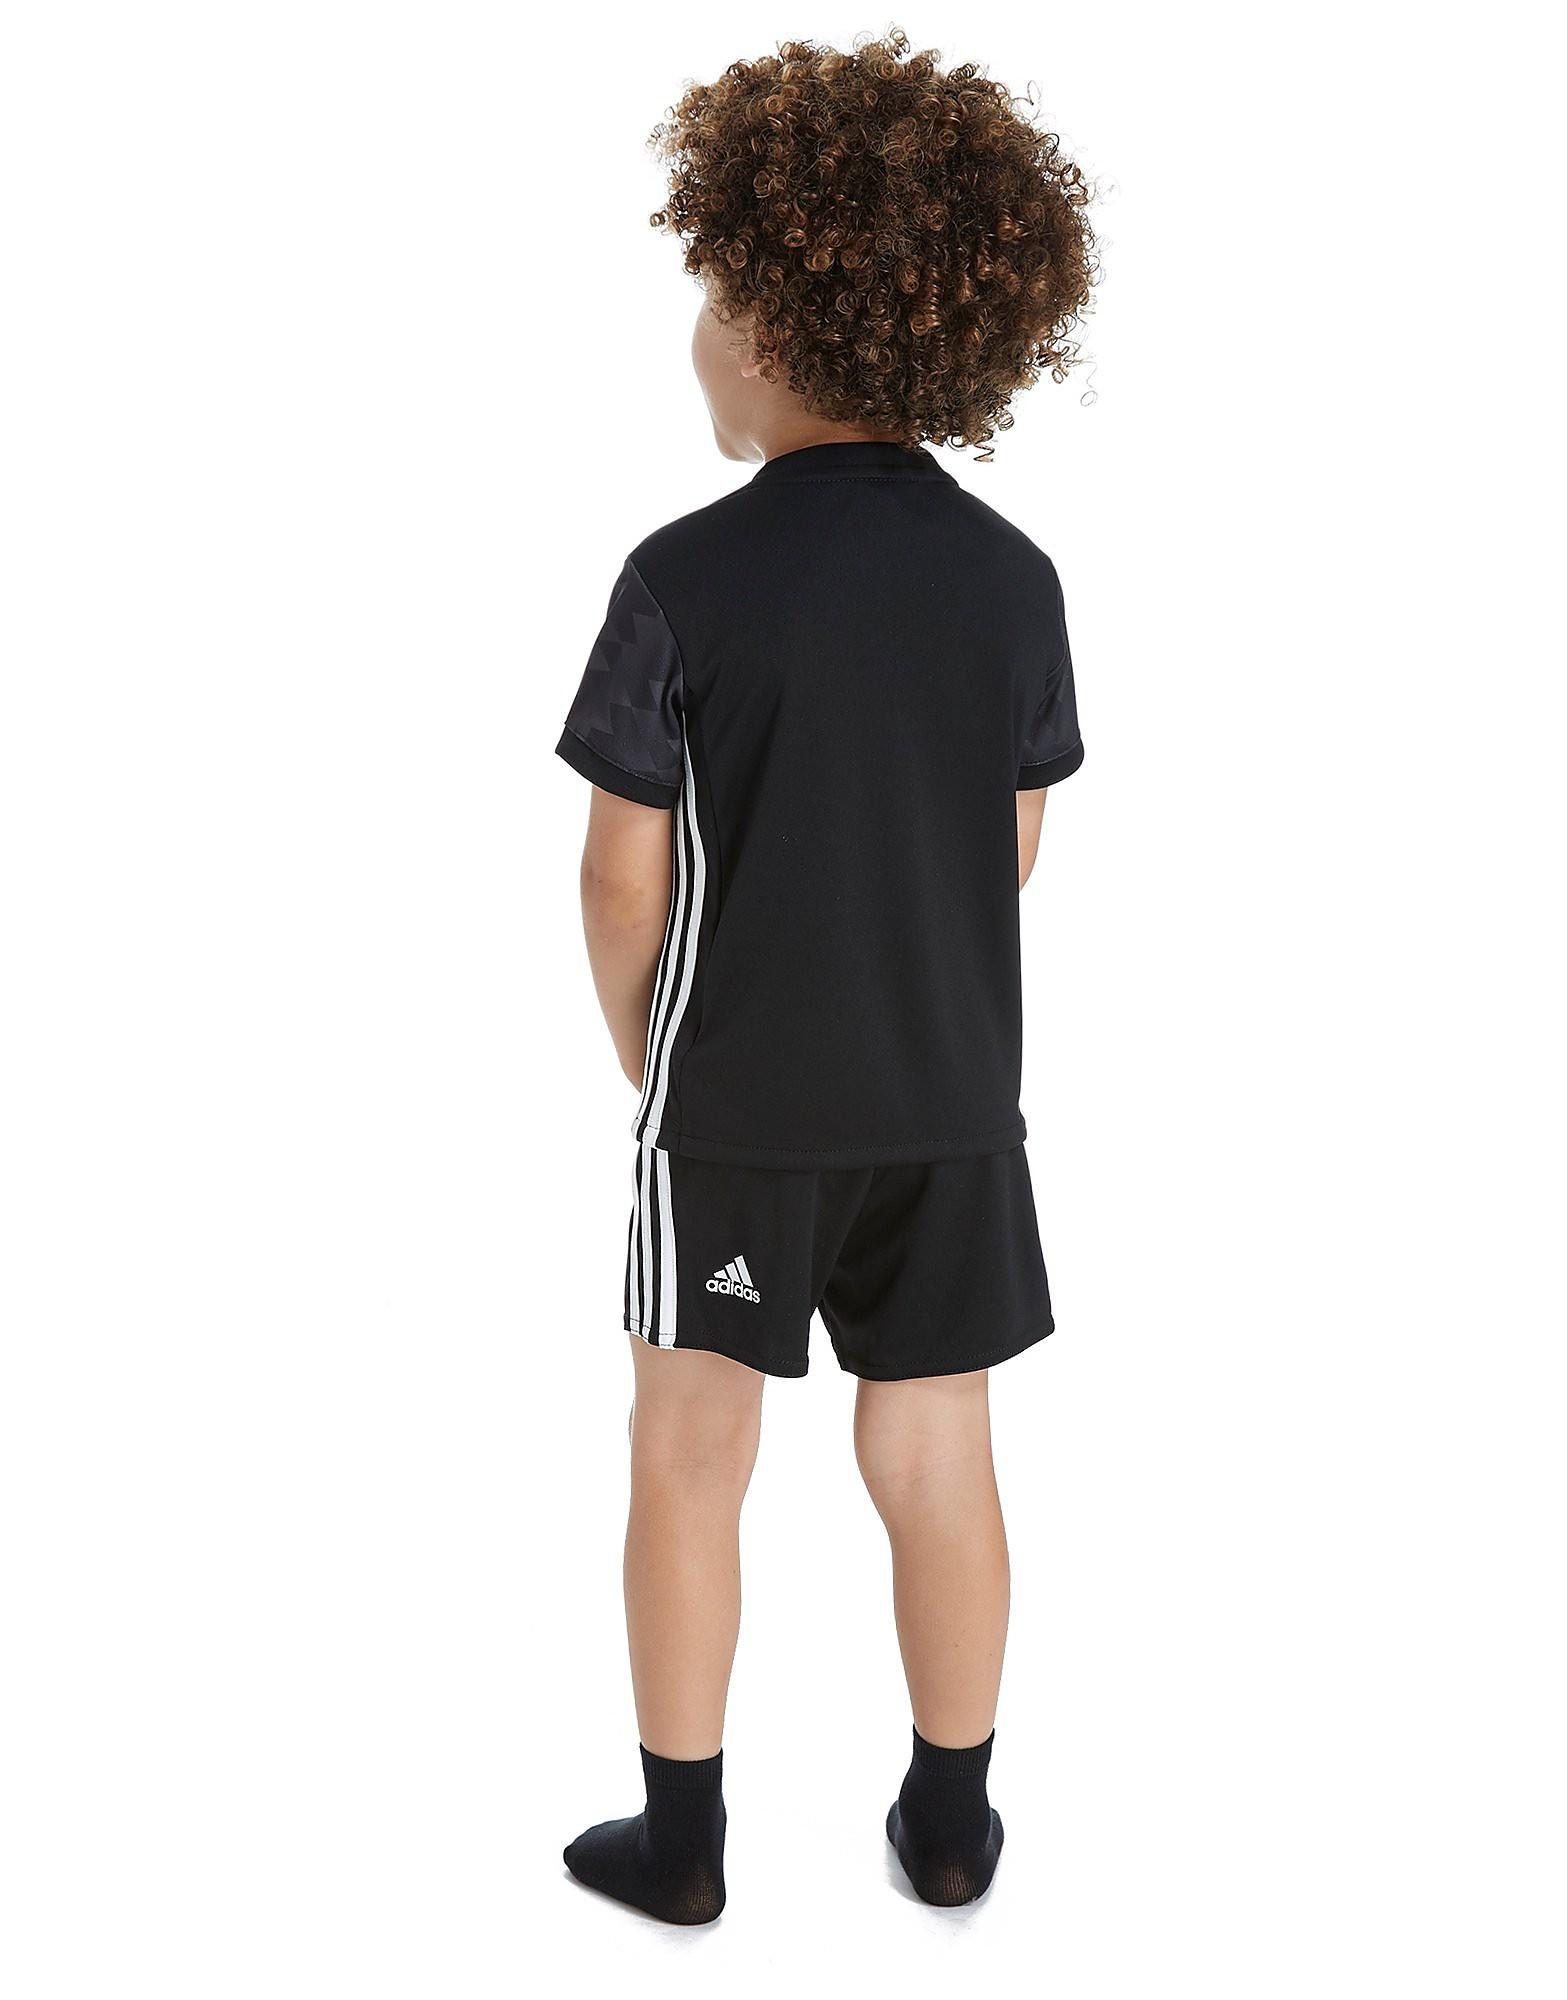 adidas Manchester United FC 2017 Extérieure ensembnle Bébé PRE ORDER